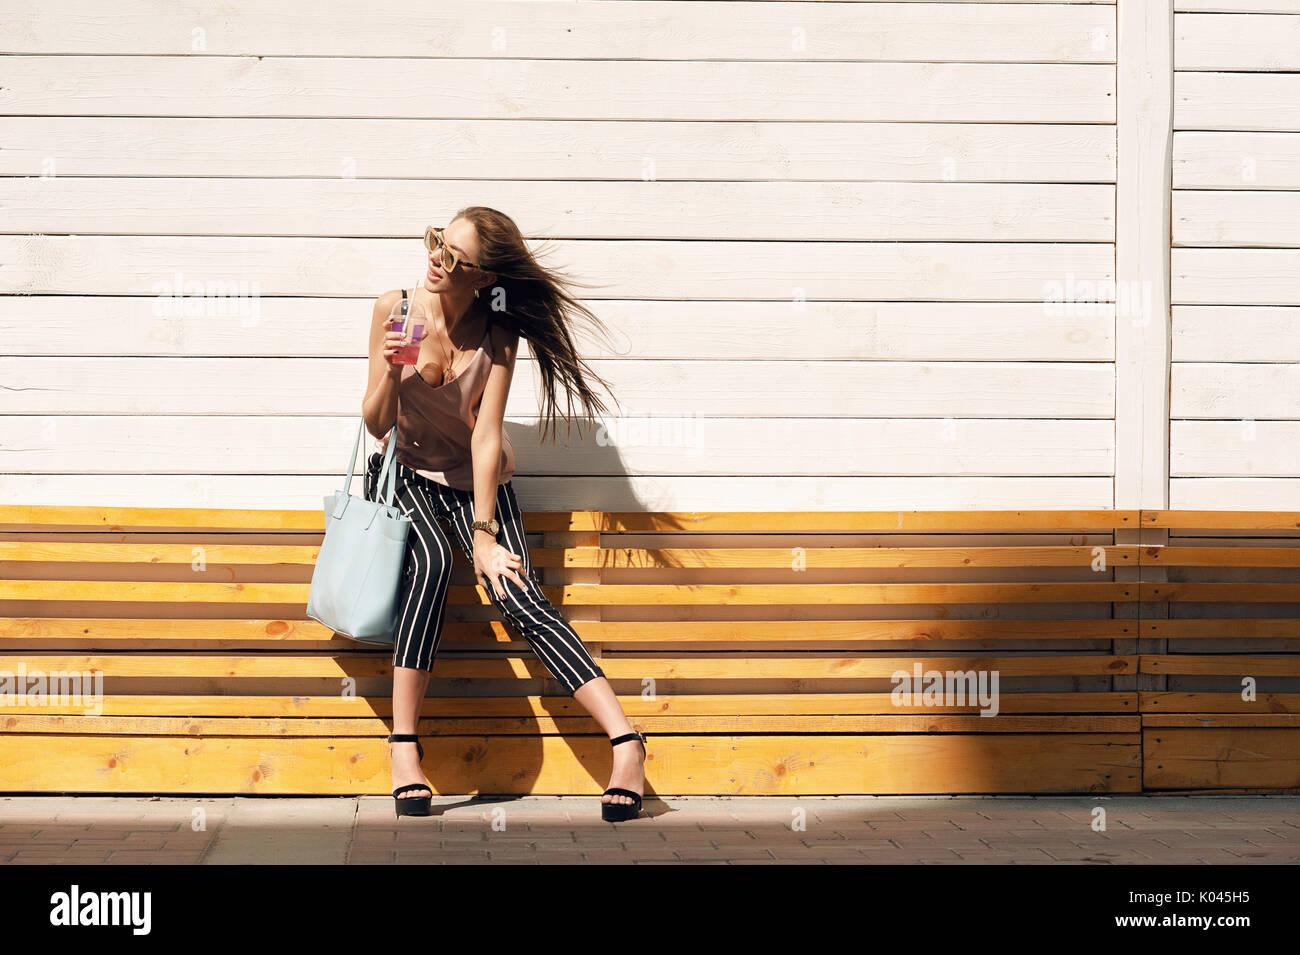 Portrait de l extérieur une belle jeune femme portant des lunettes de  sécurité avec une assurance à la mode, dans un cadre en bois, contre un mur  blanc, ... e943b5fd8d3f